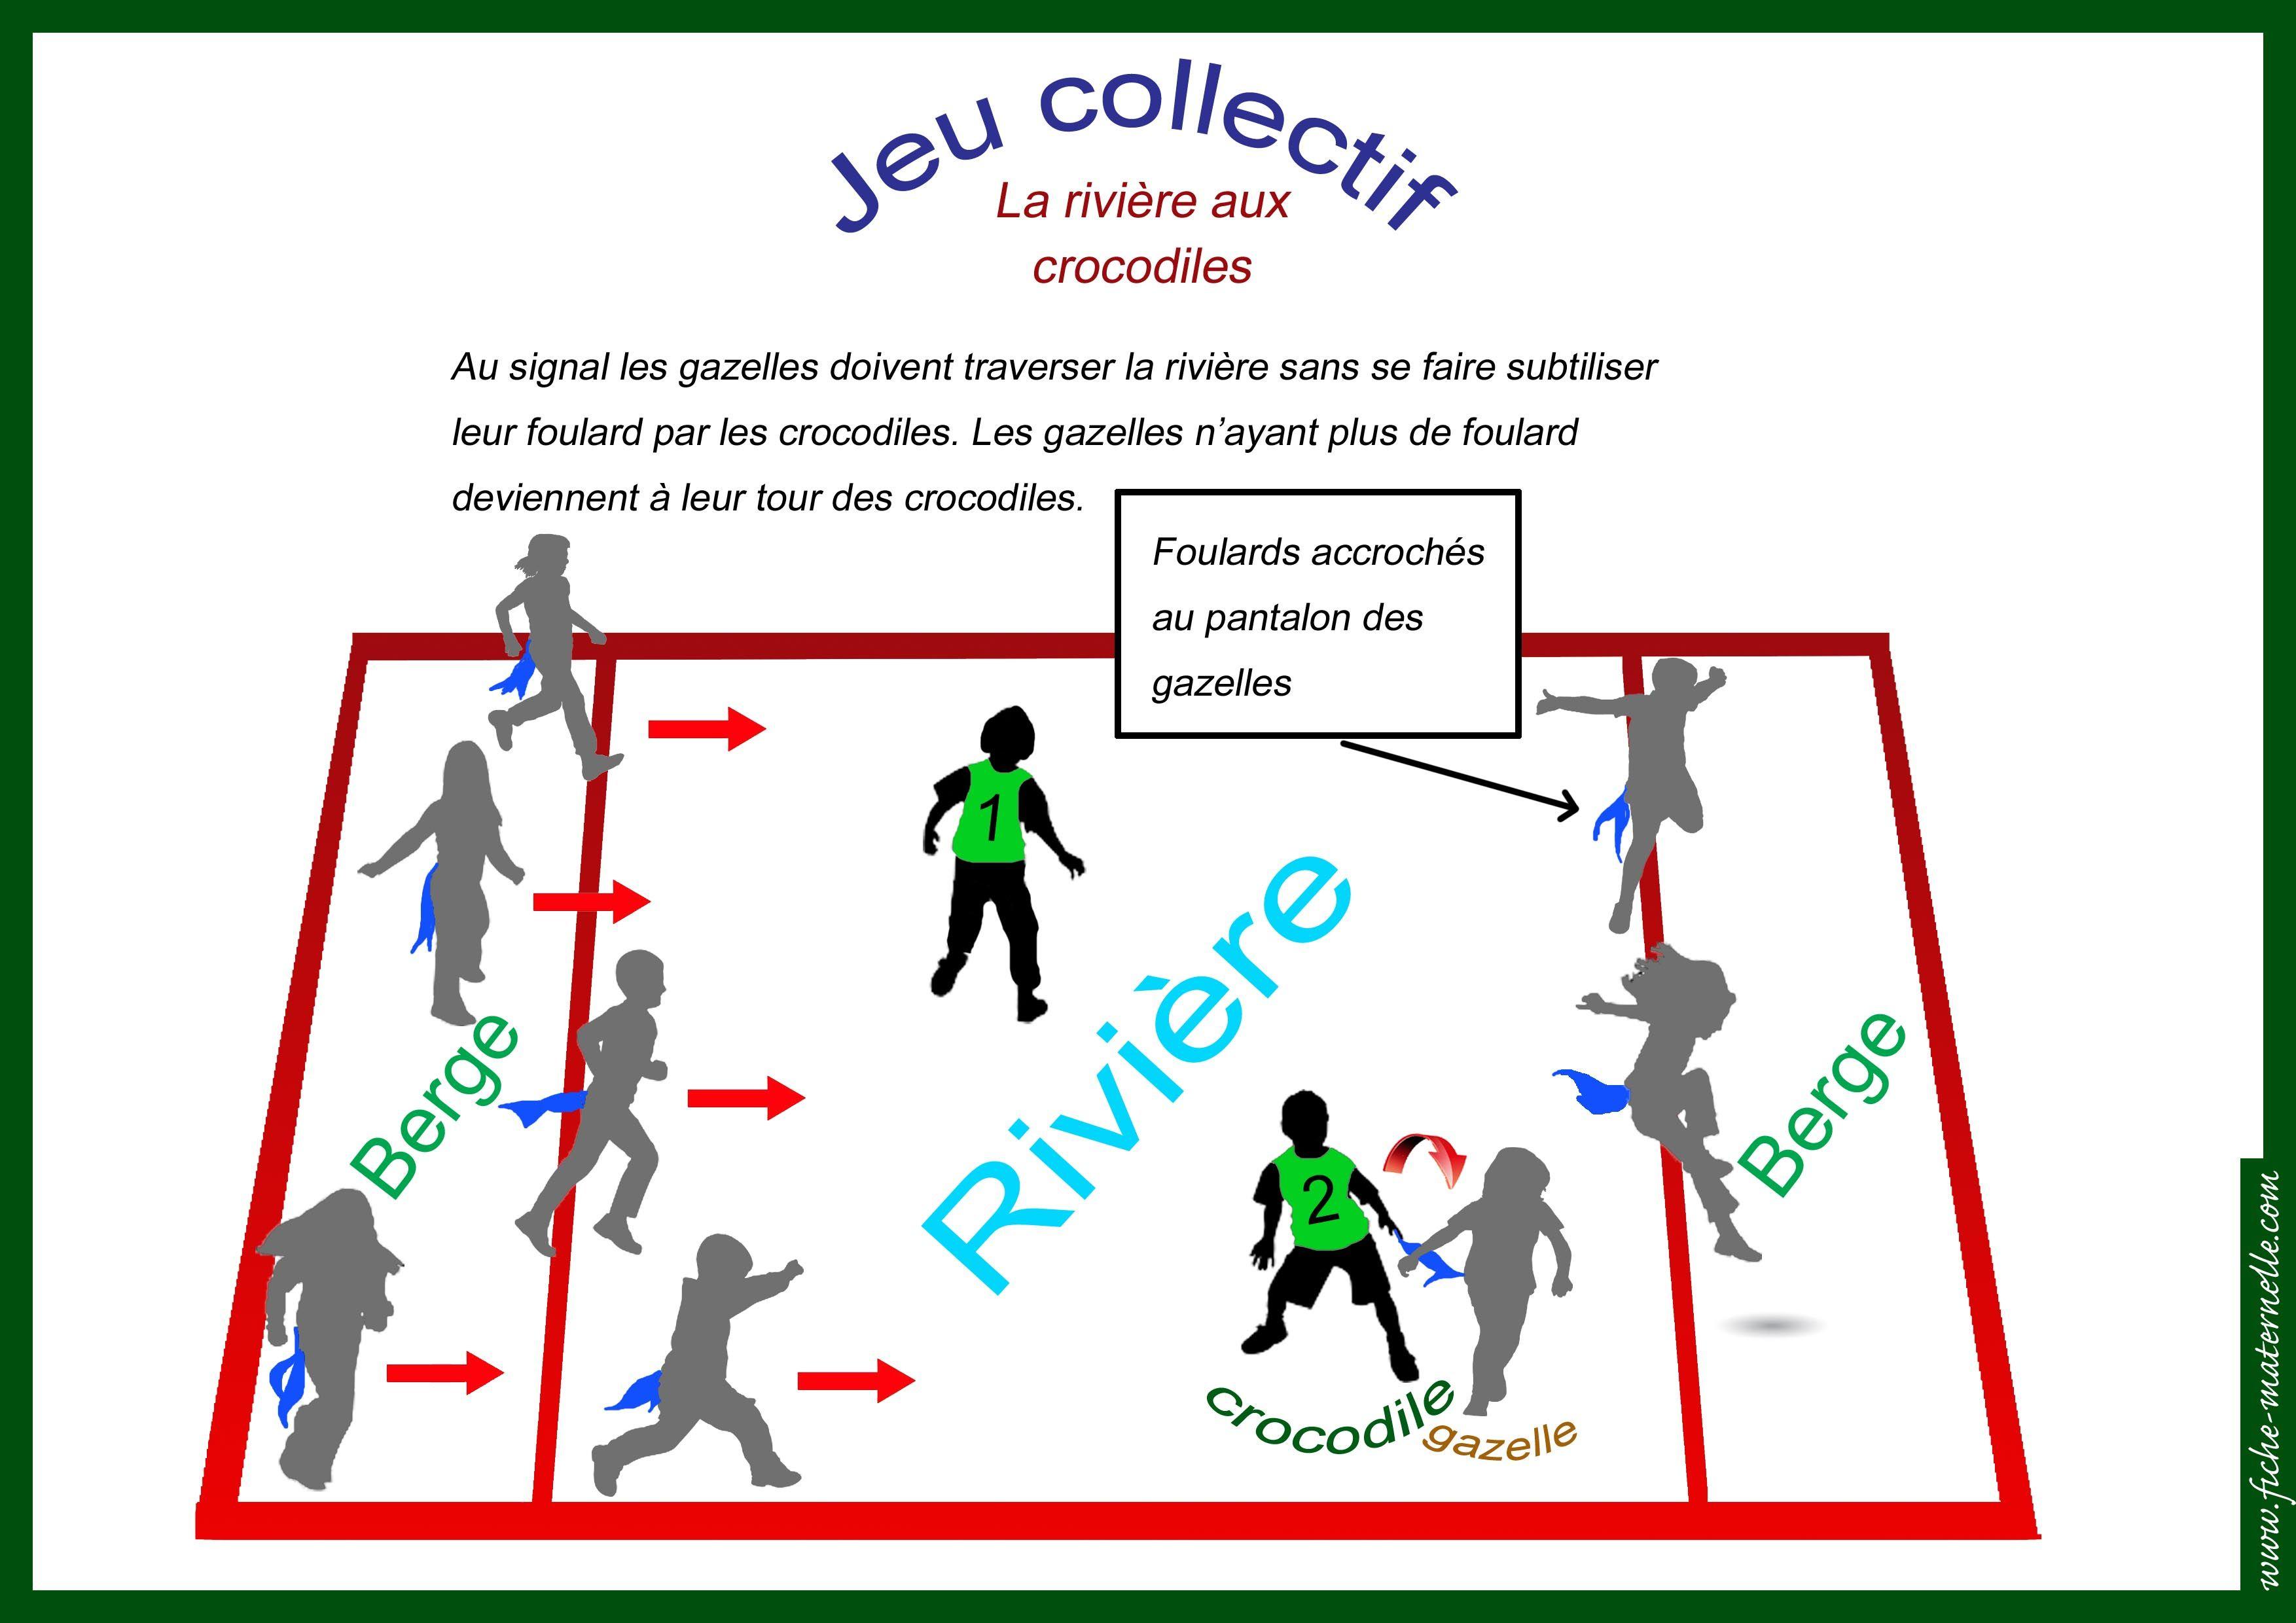 La Motricité En Maternelle | Activité Sportive Maternelle destiné Jeux Enfant Maternelle